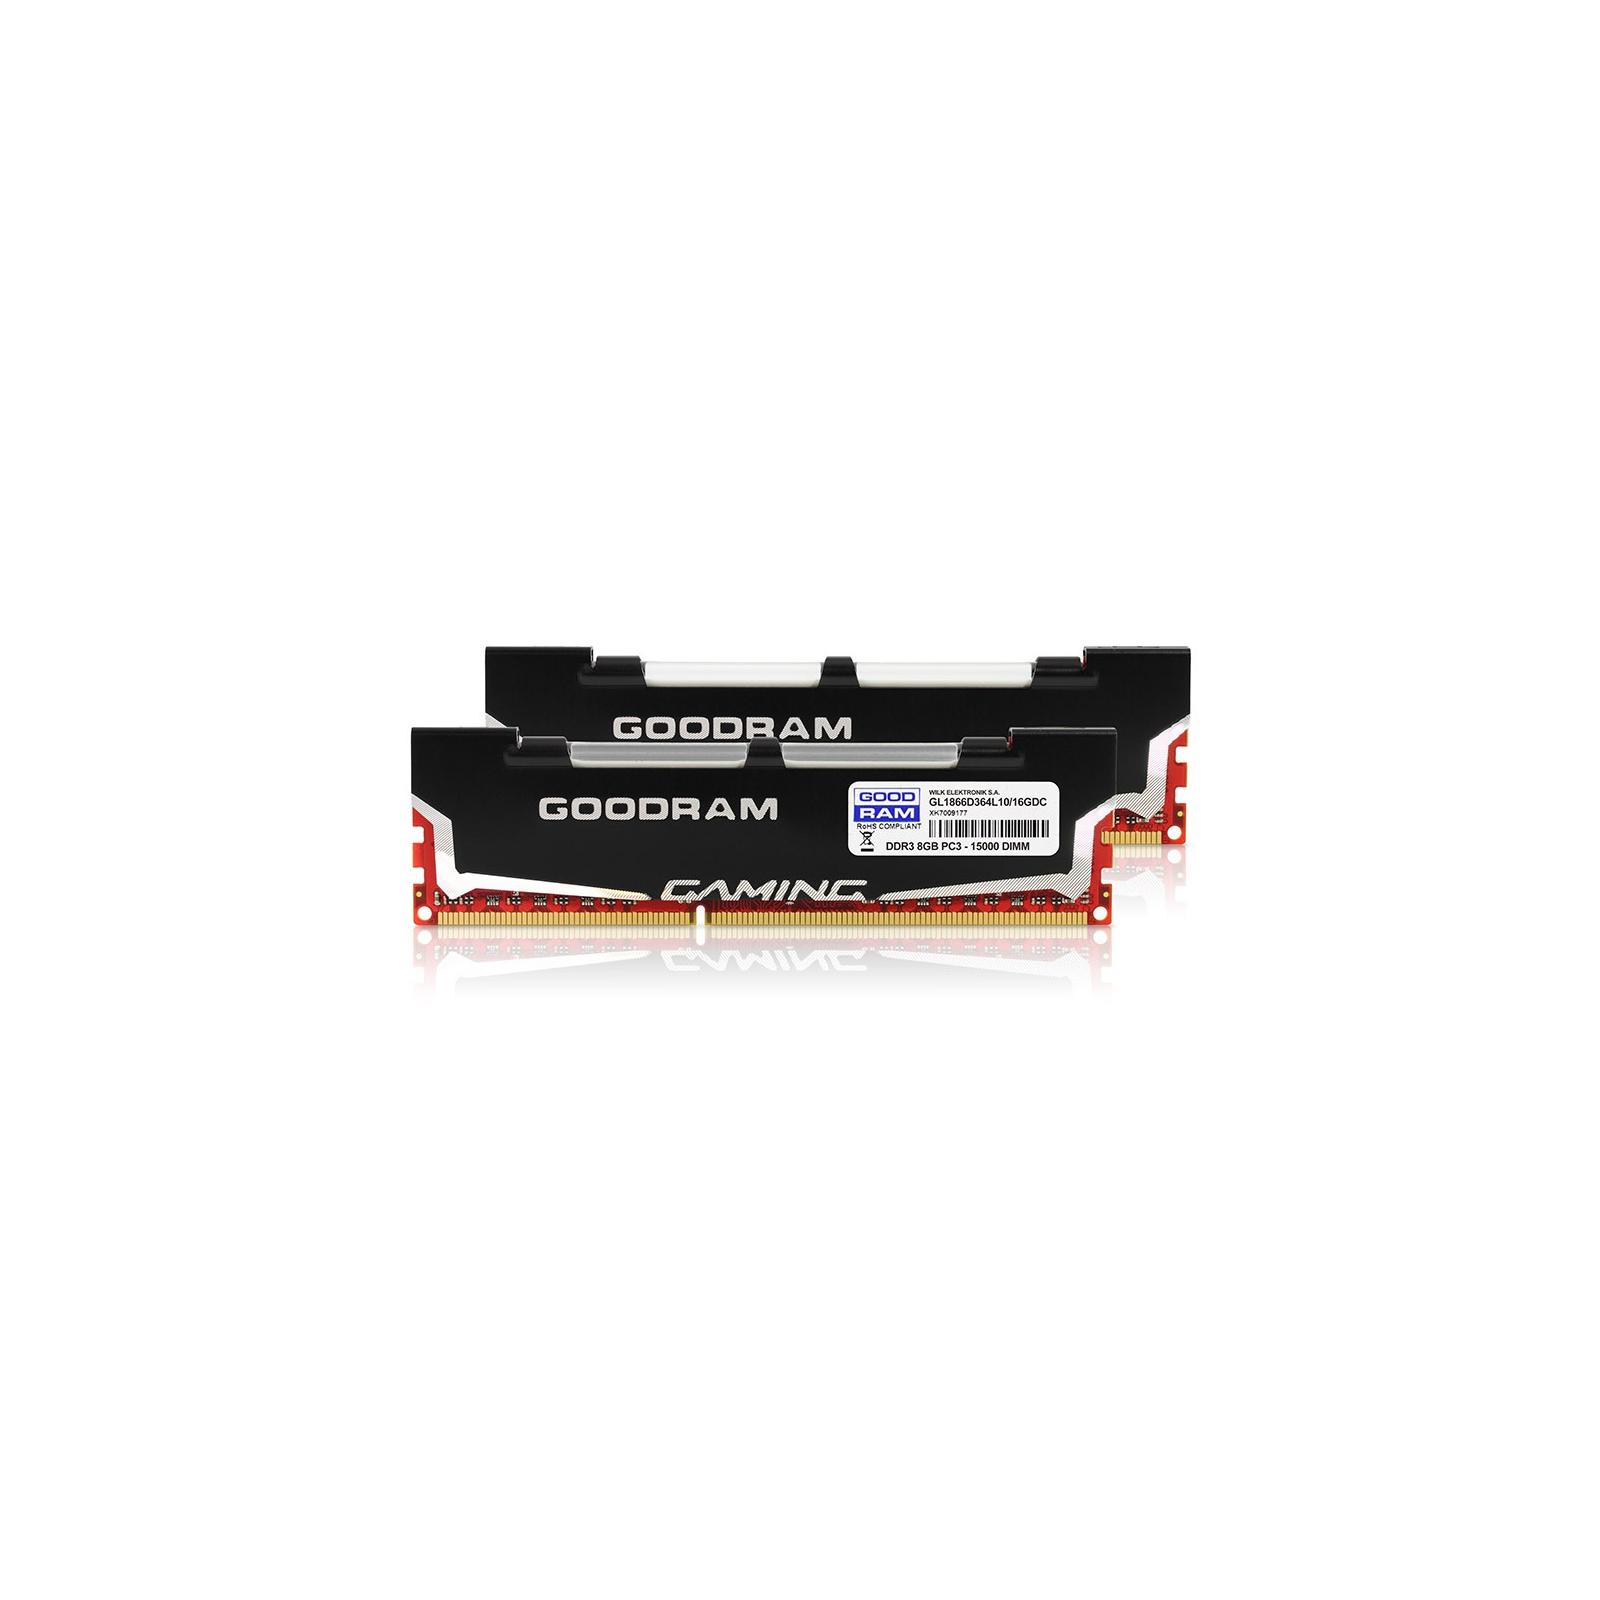 Модуль памяти для компьютера DDR3 16Gb (2x8GB) 1866 MHz Led Gaming GOODRAM (GL1866D364L10/16GDC) изображение 3